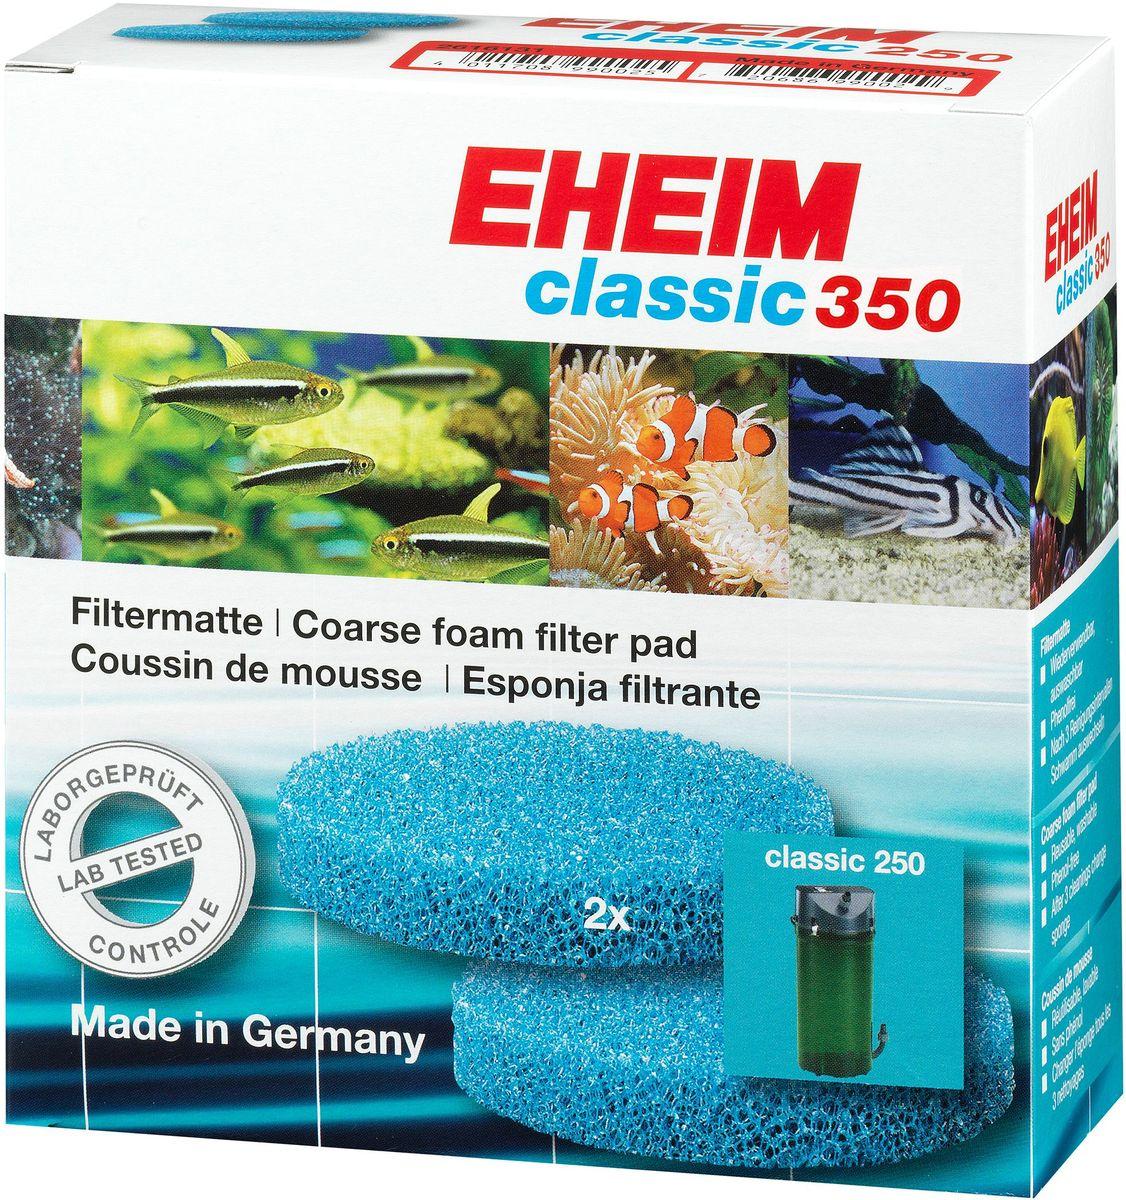 Наполнитель для фильтра Eheim Classic 350, поролон, 2 штART-2270051Пористая губка для фильтров Eheim Classic 350 для механической и биологической очистки воды.